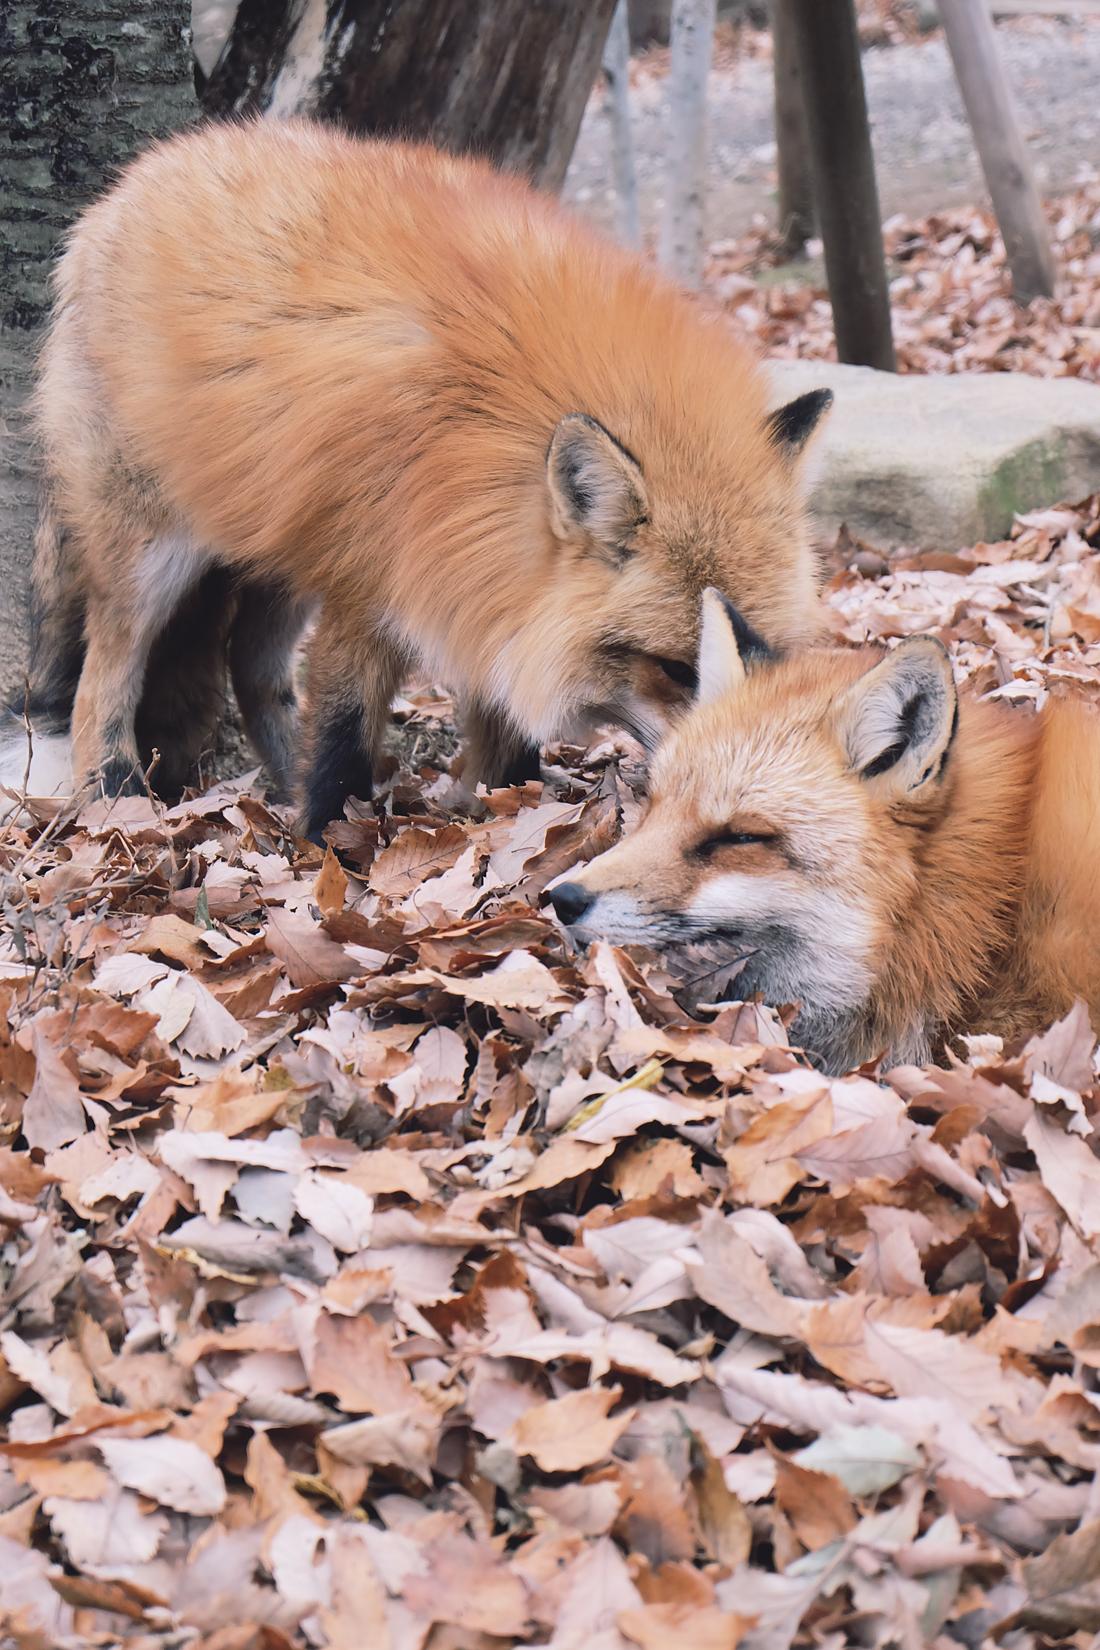 miyagi-zao-fox-village-rainbowholic-36